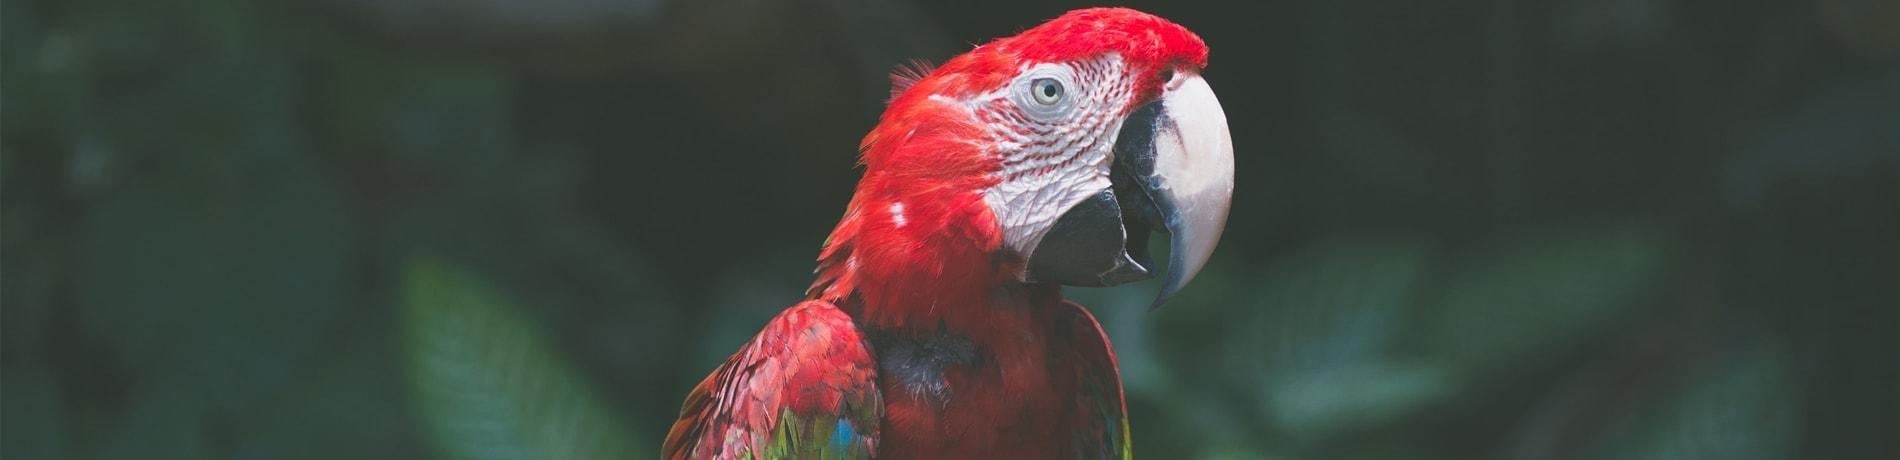 Hoe oud wordt een papegaai?